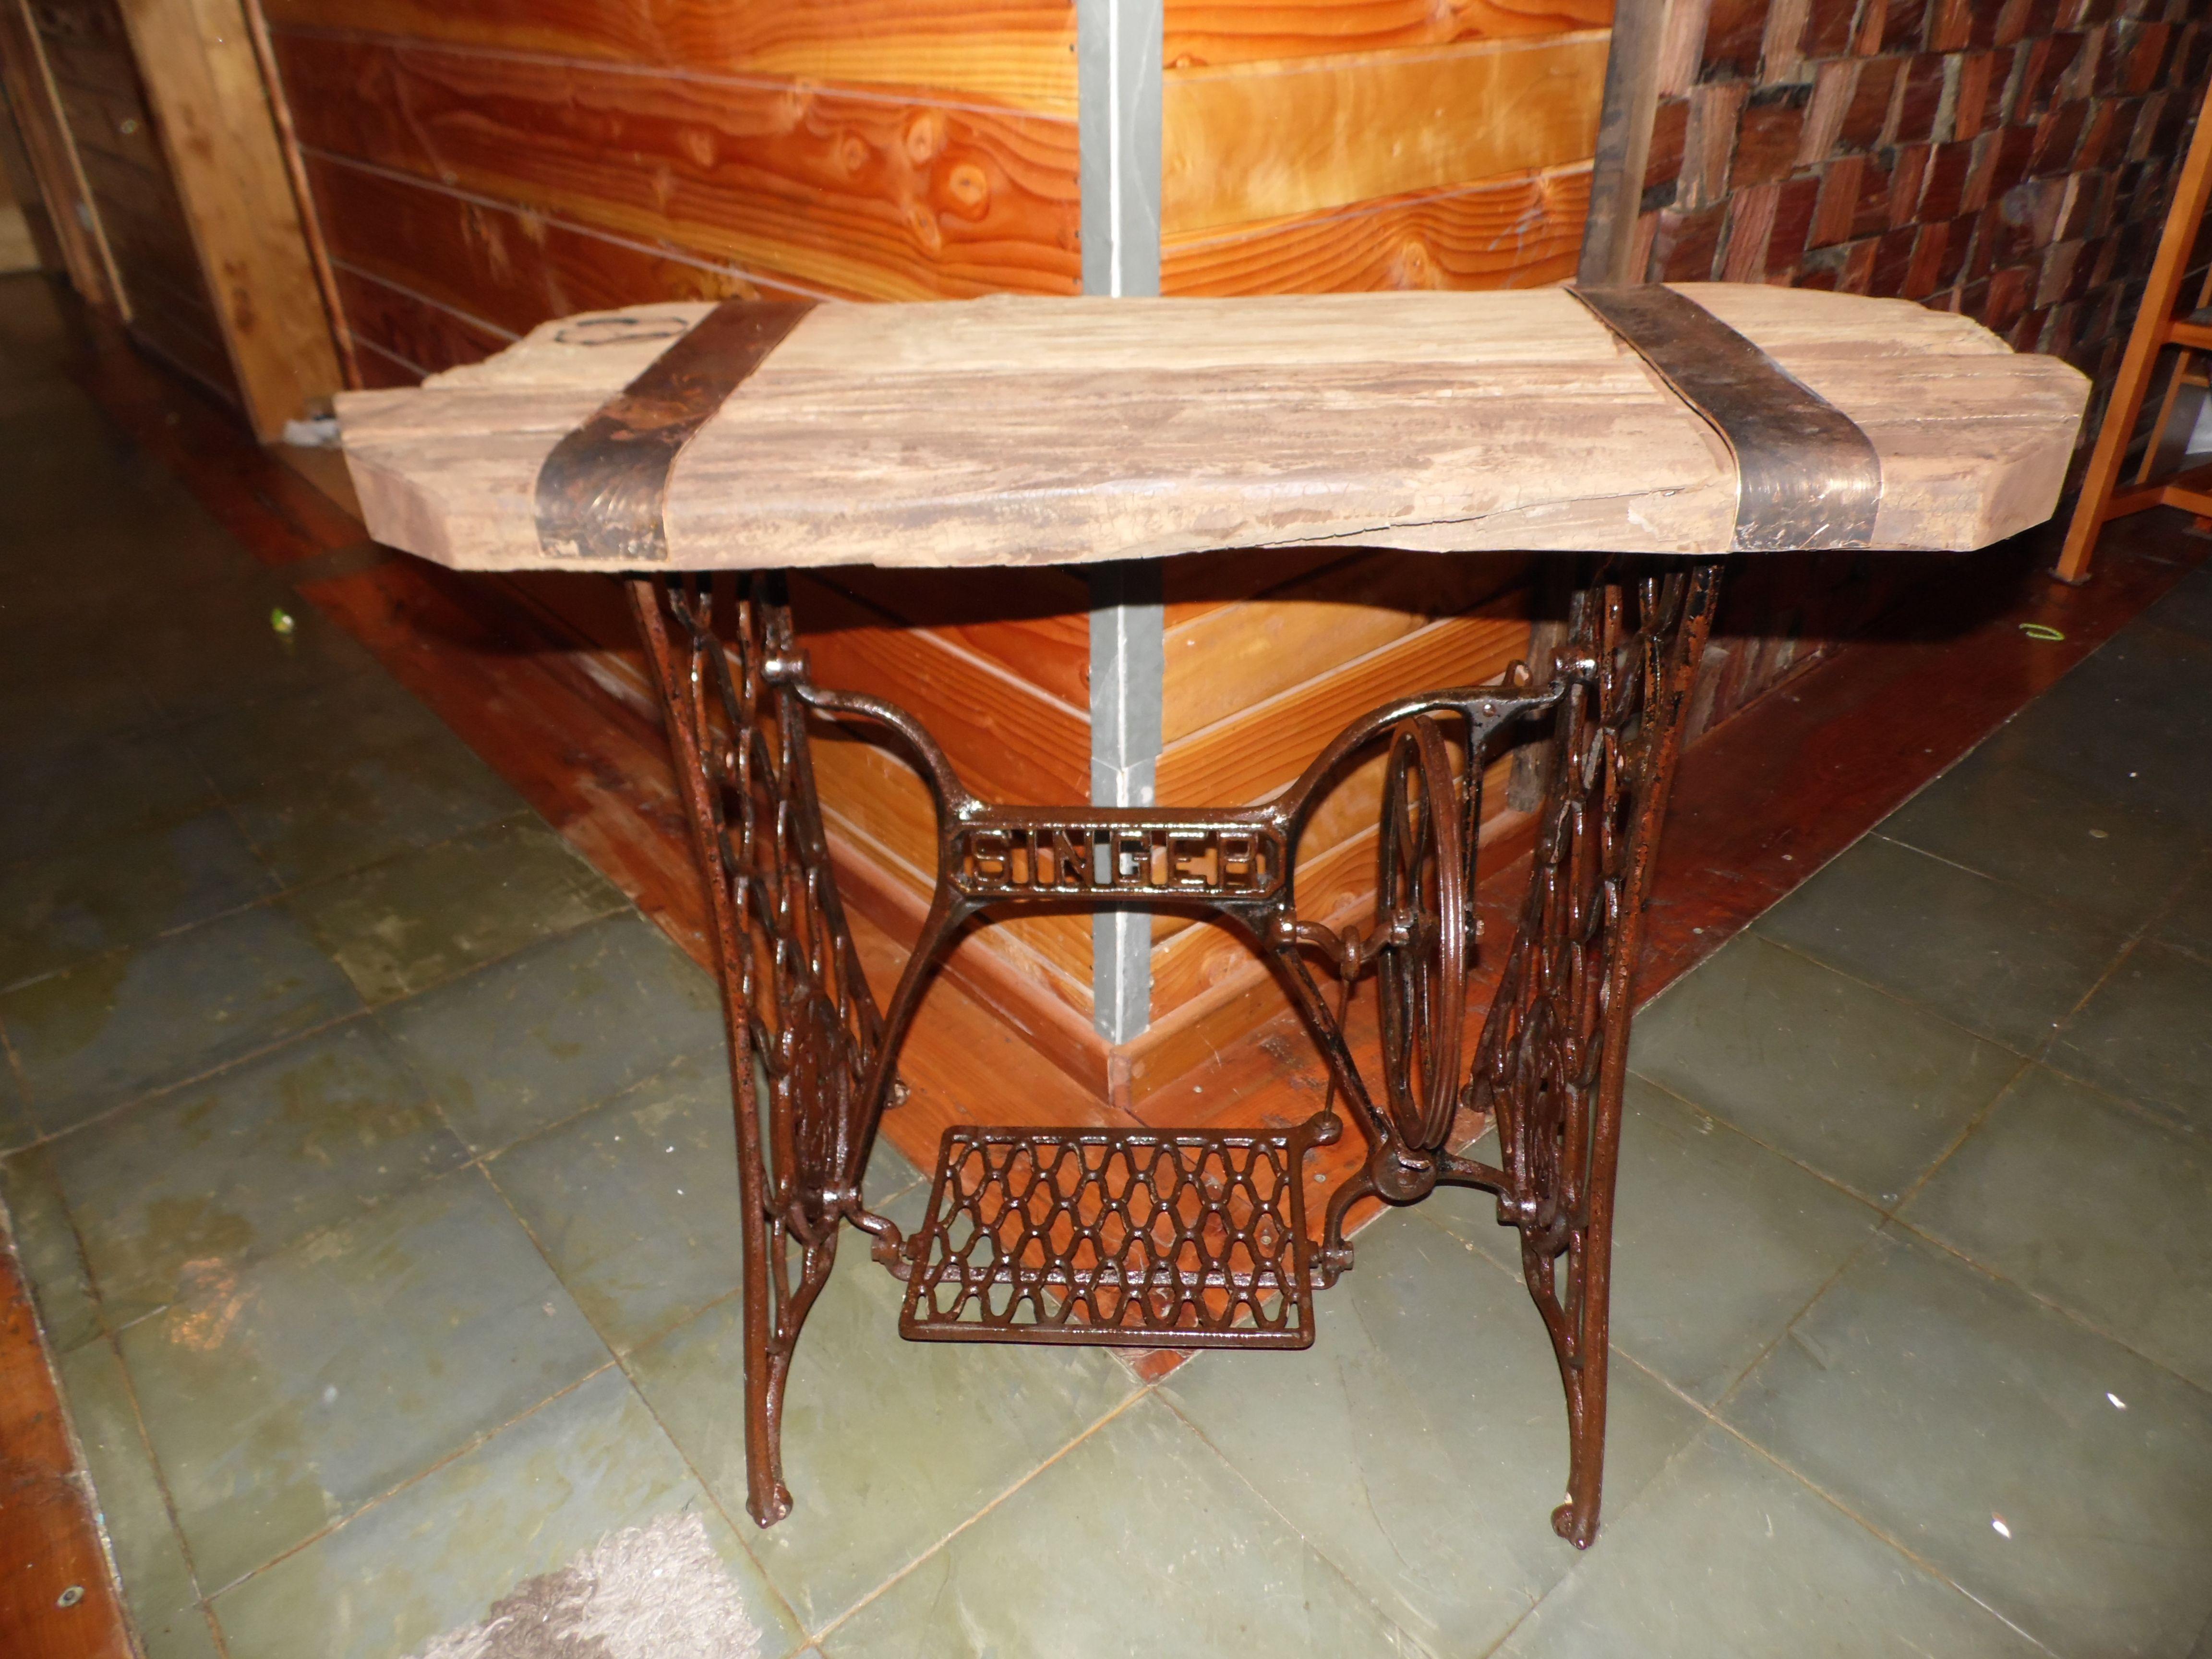 Arrimo Rustico Con Base De Maquina De Coser Antigua Muebles  # Muebles Maquina De Coser